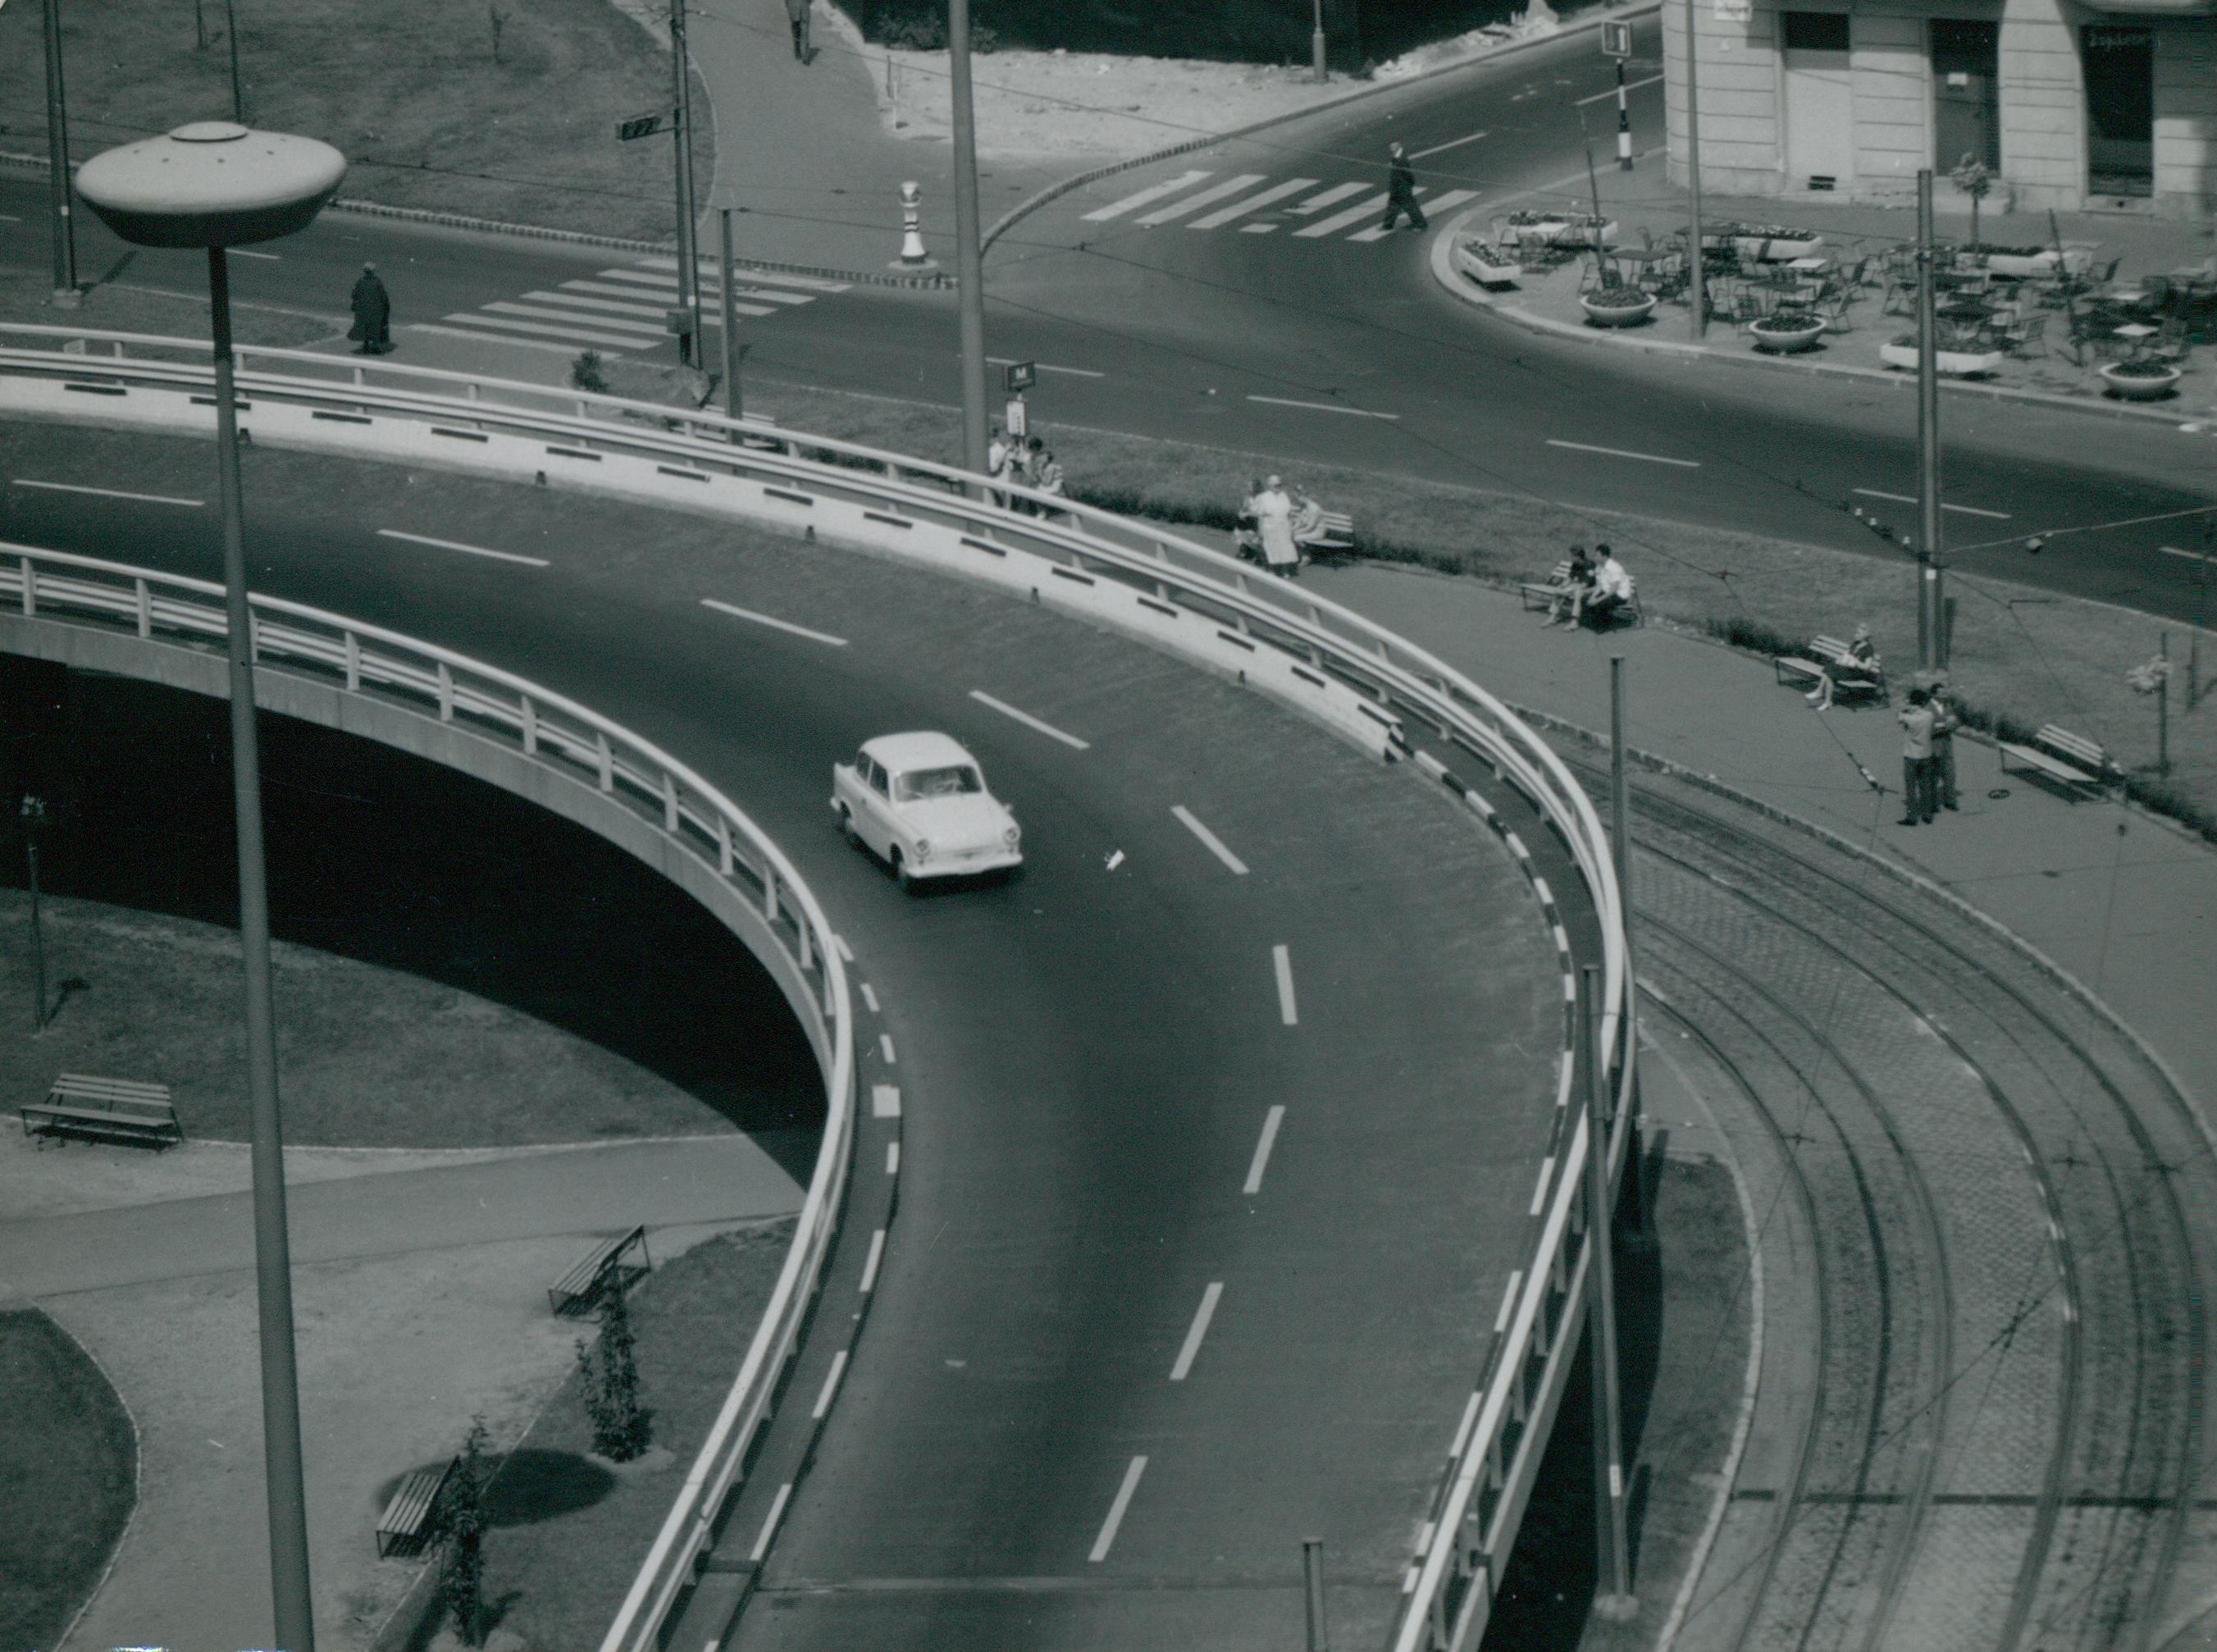 Lehajtósáv az Erzsébet híd budai hídfőjénél